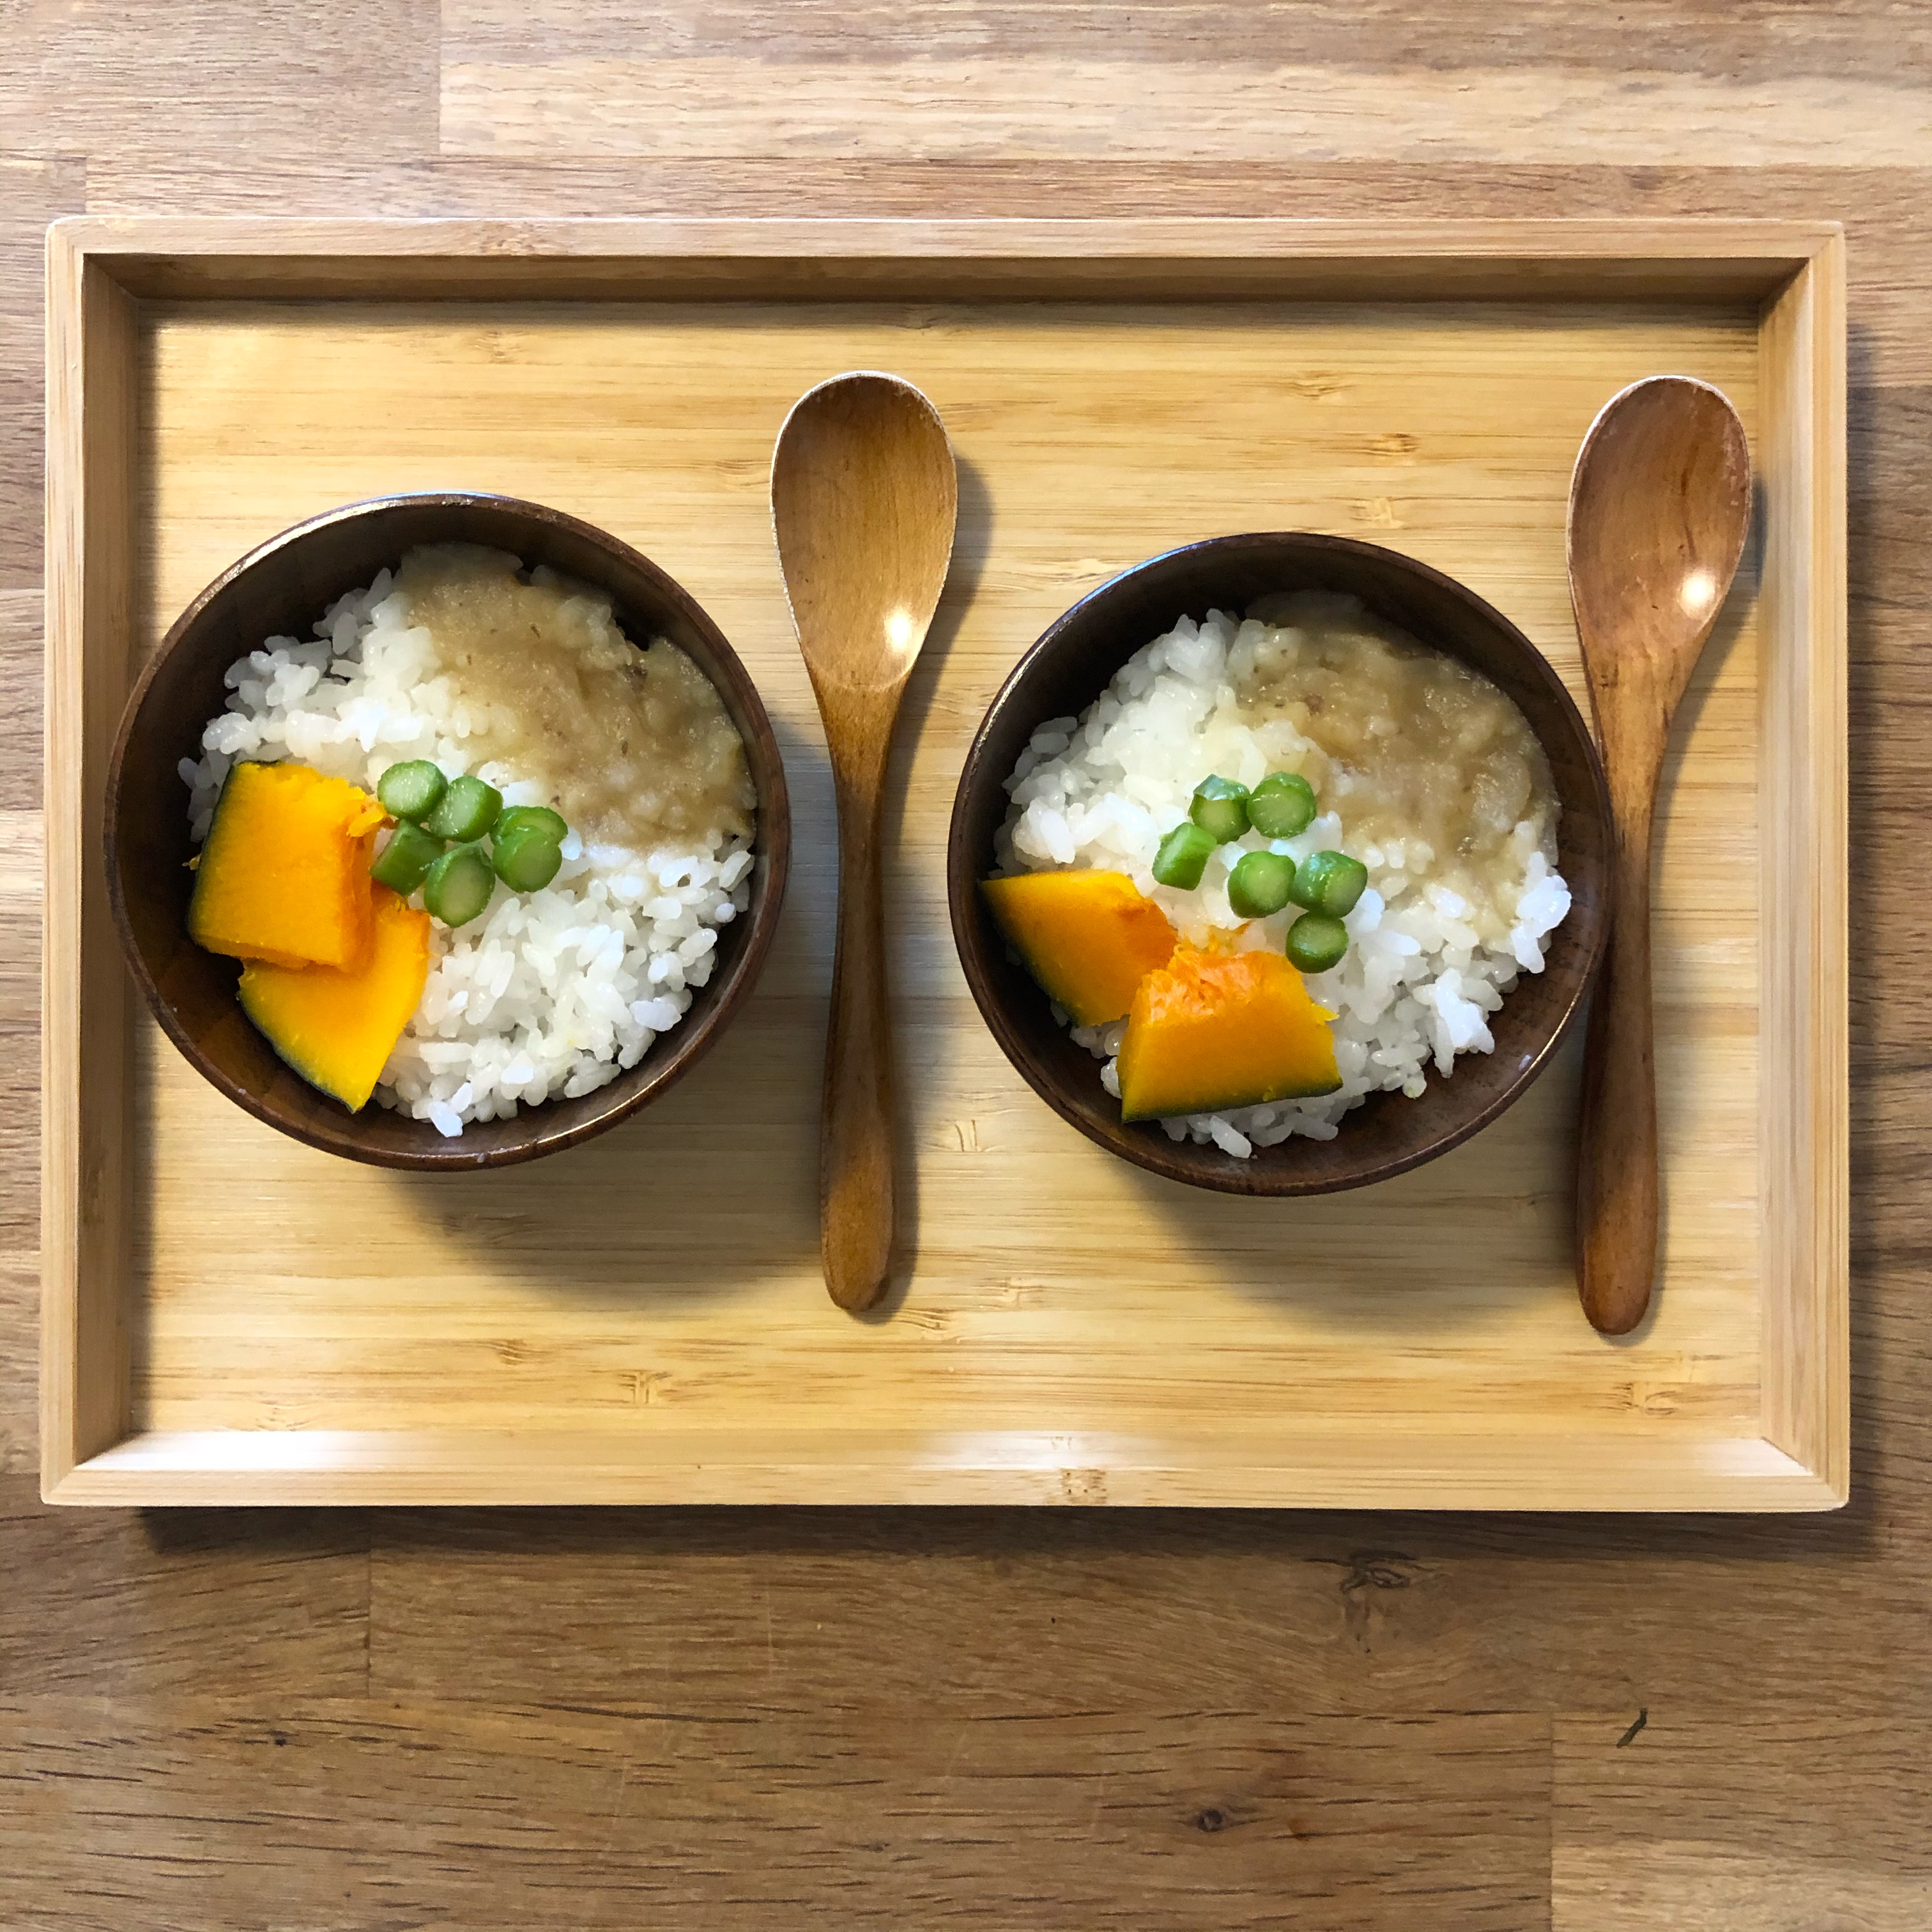 おうちでご飯を楽しもう!STAY HOME 横浜ウッドキャンペーン★お客様の声 第二弾